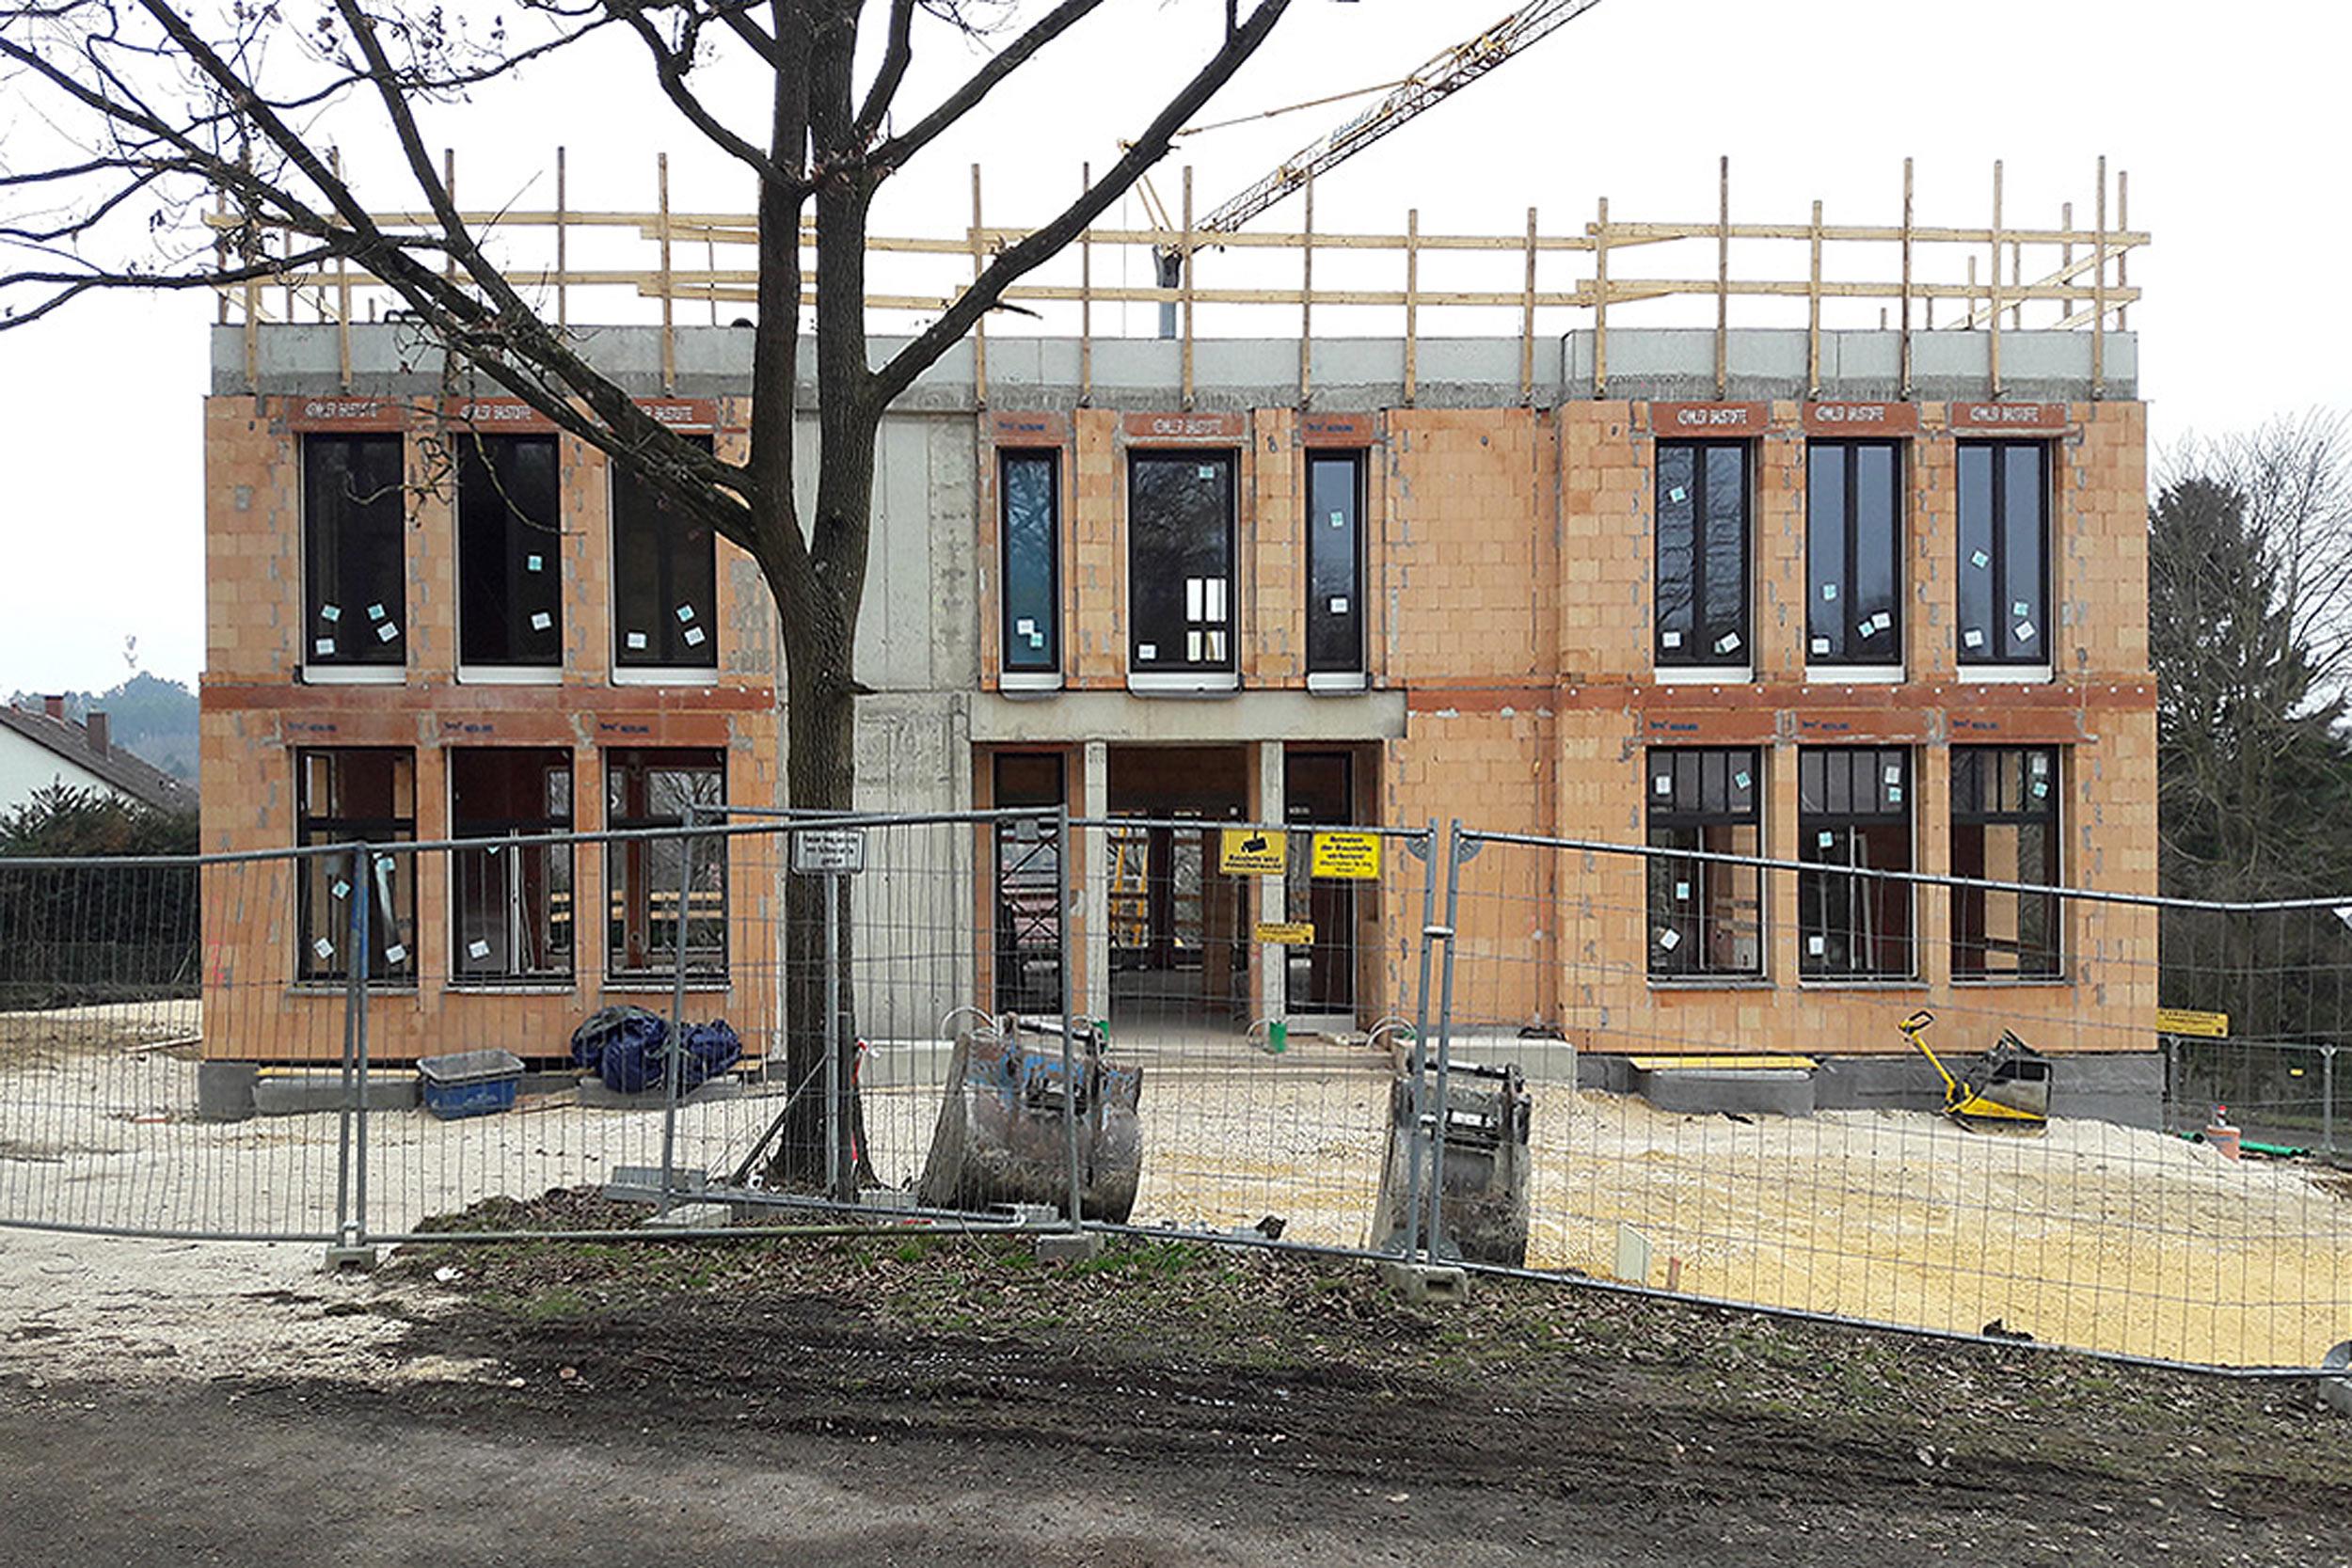 Bautenzustand der Zufahrtssituation auf die Villa